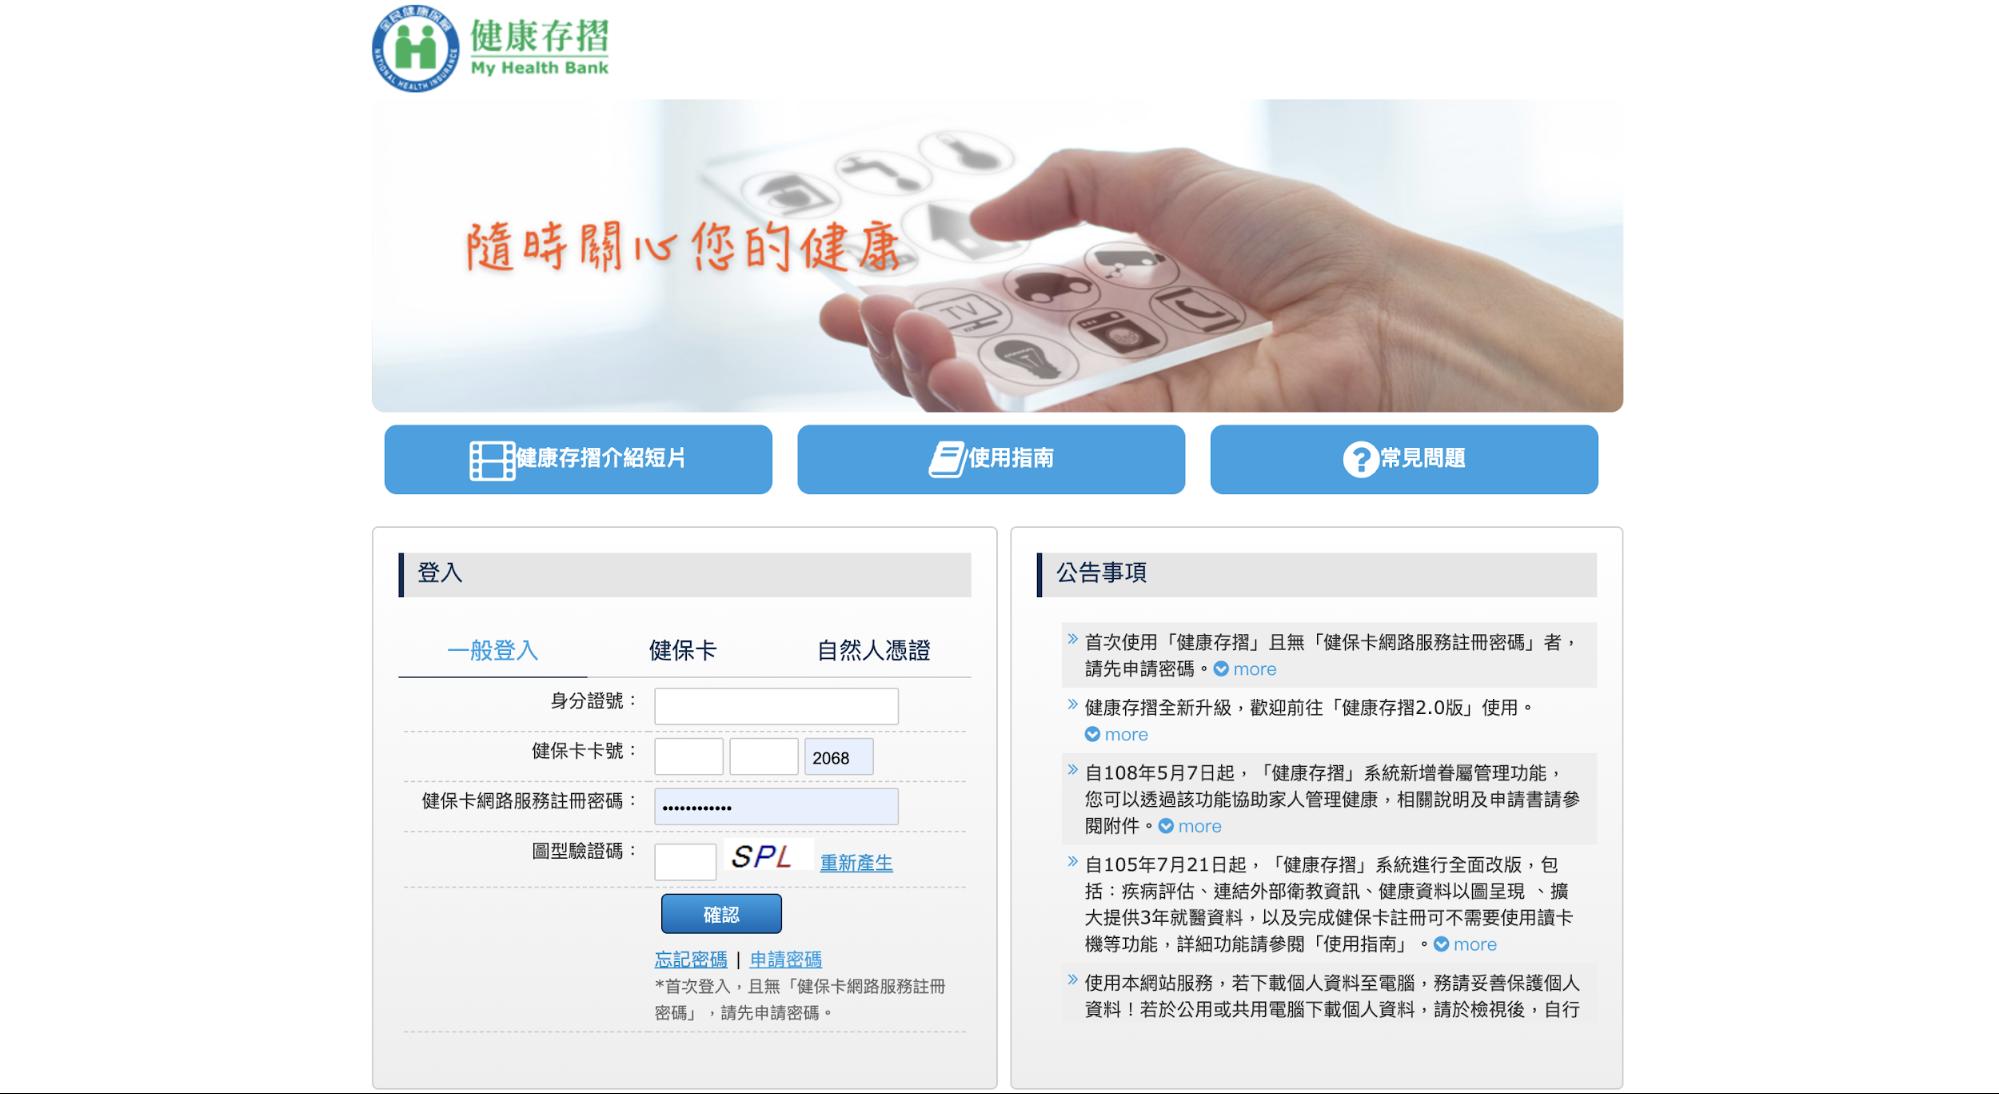 健保洗牙-進入健康存則網路版首頁,輸入登入資料。